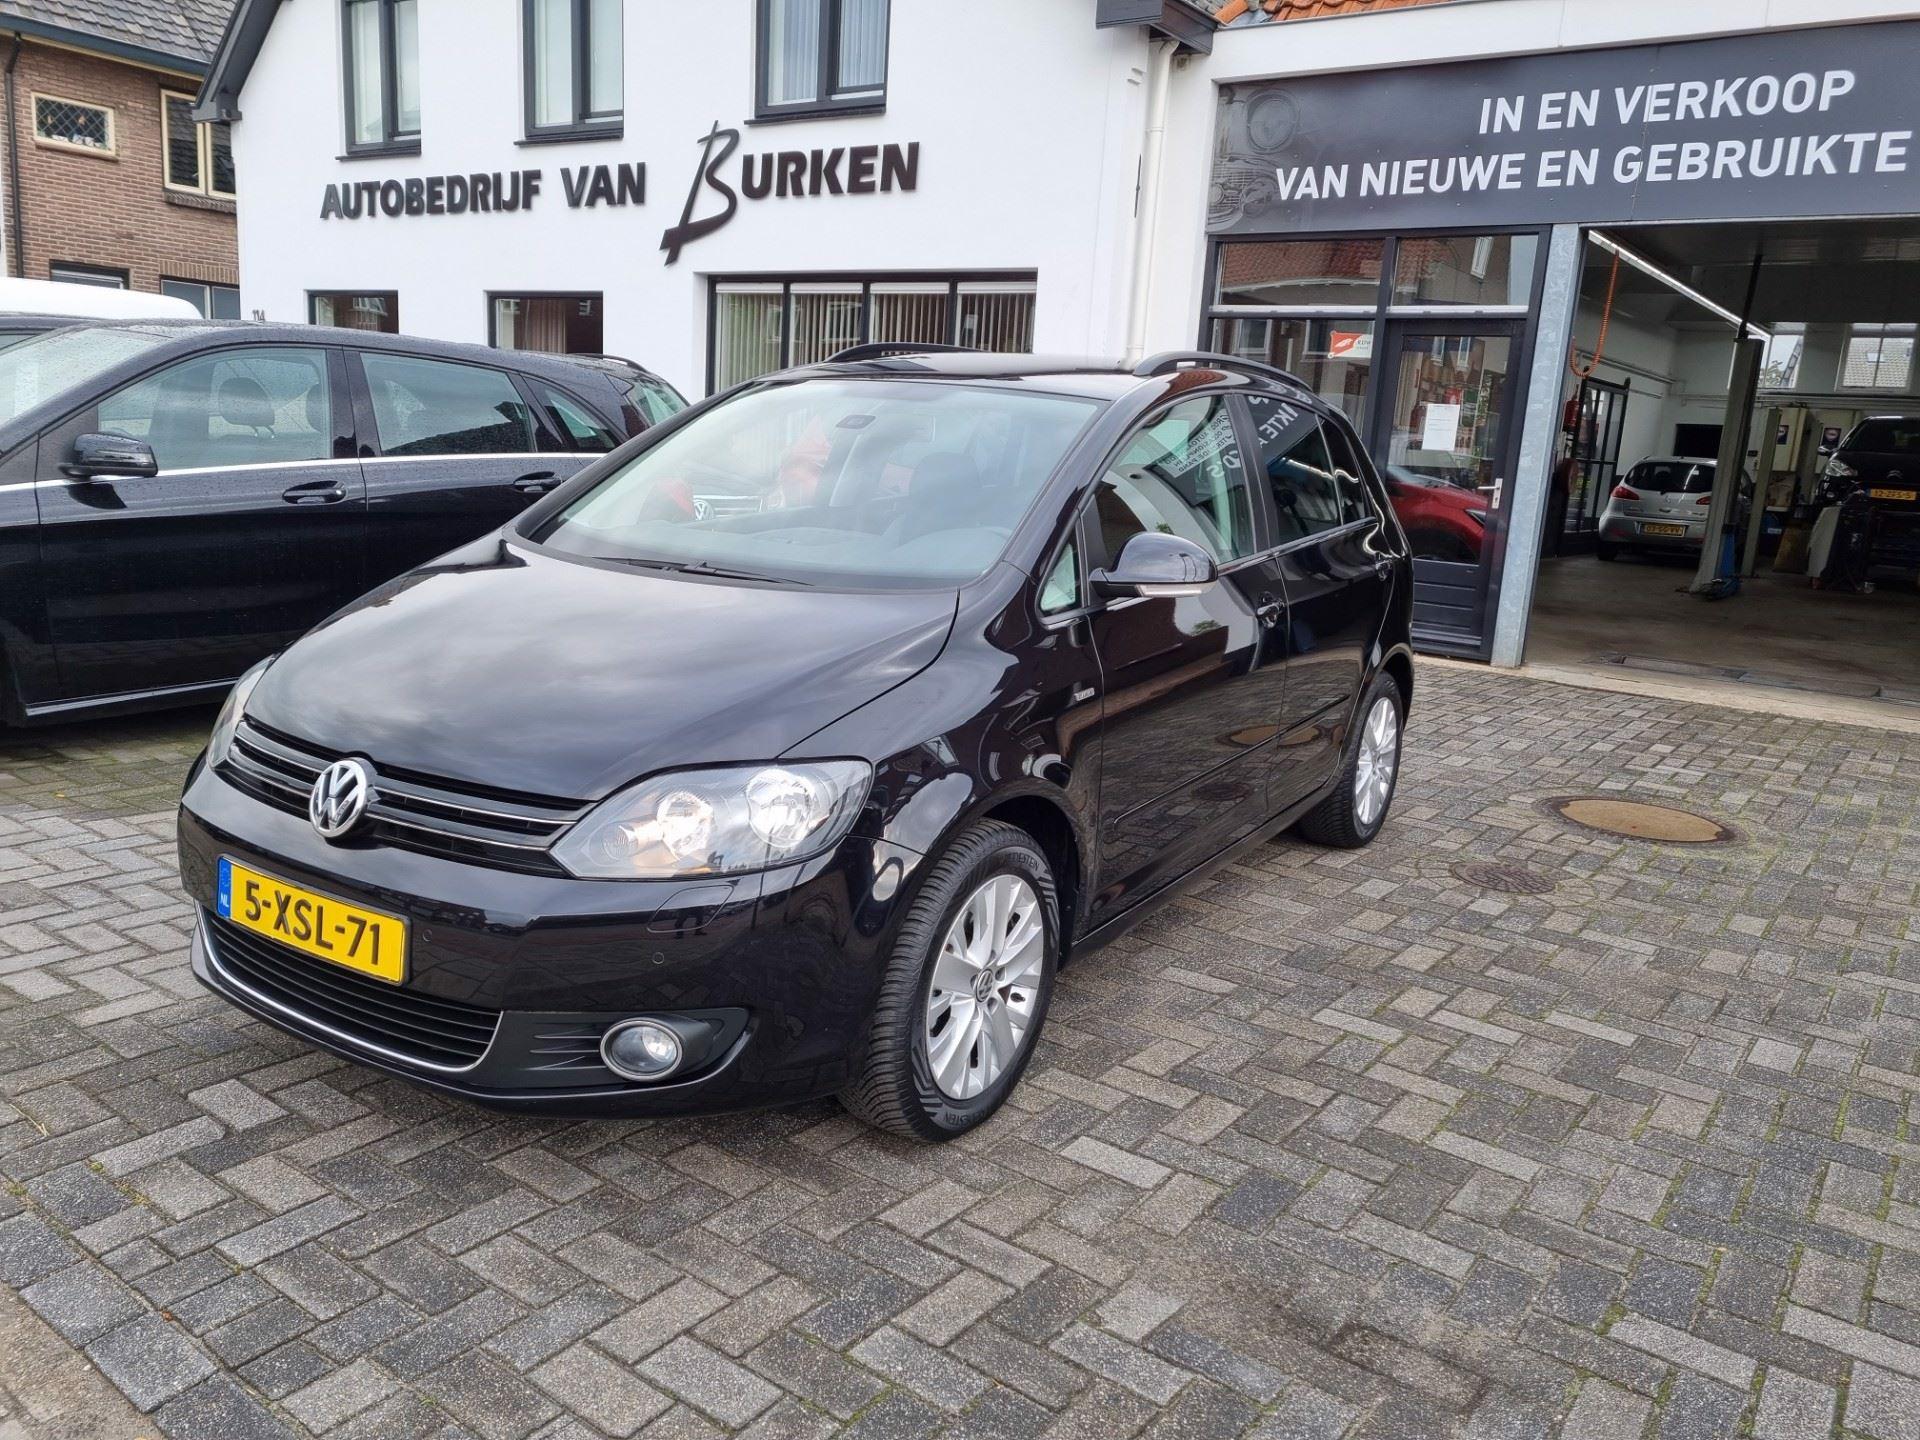 Volkswagen Golf Plus occasion - Autobedrijf van Burken